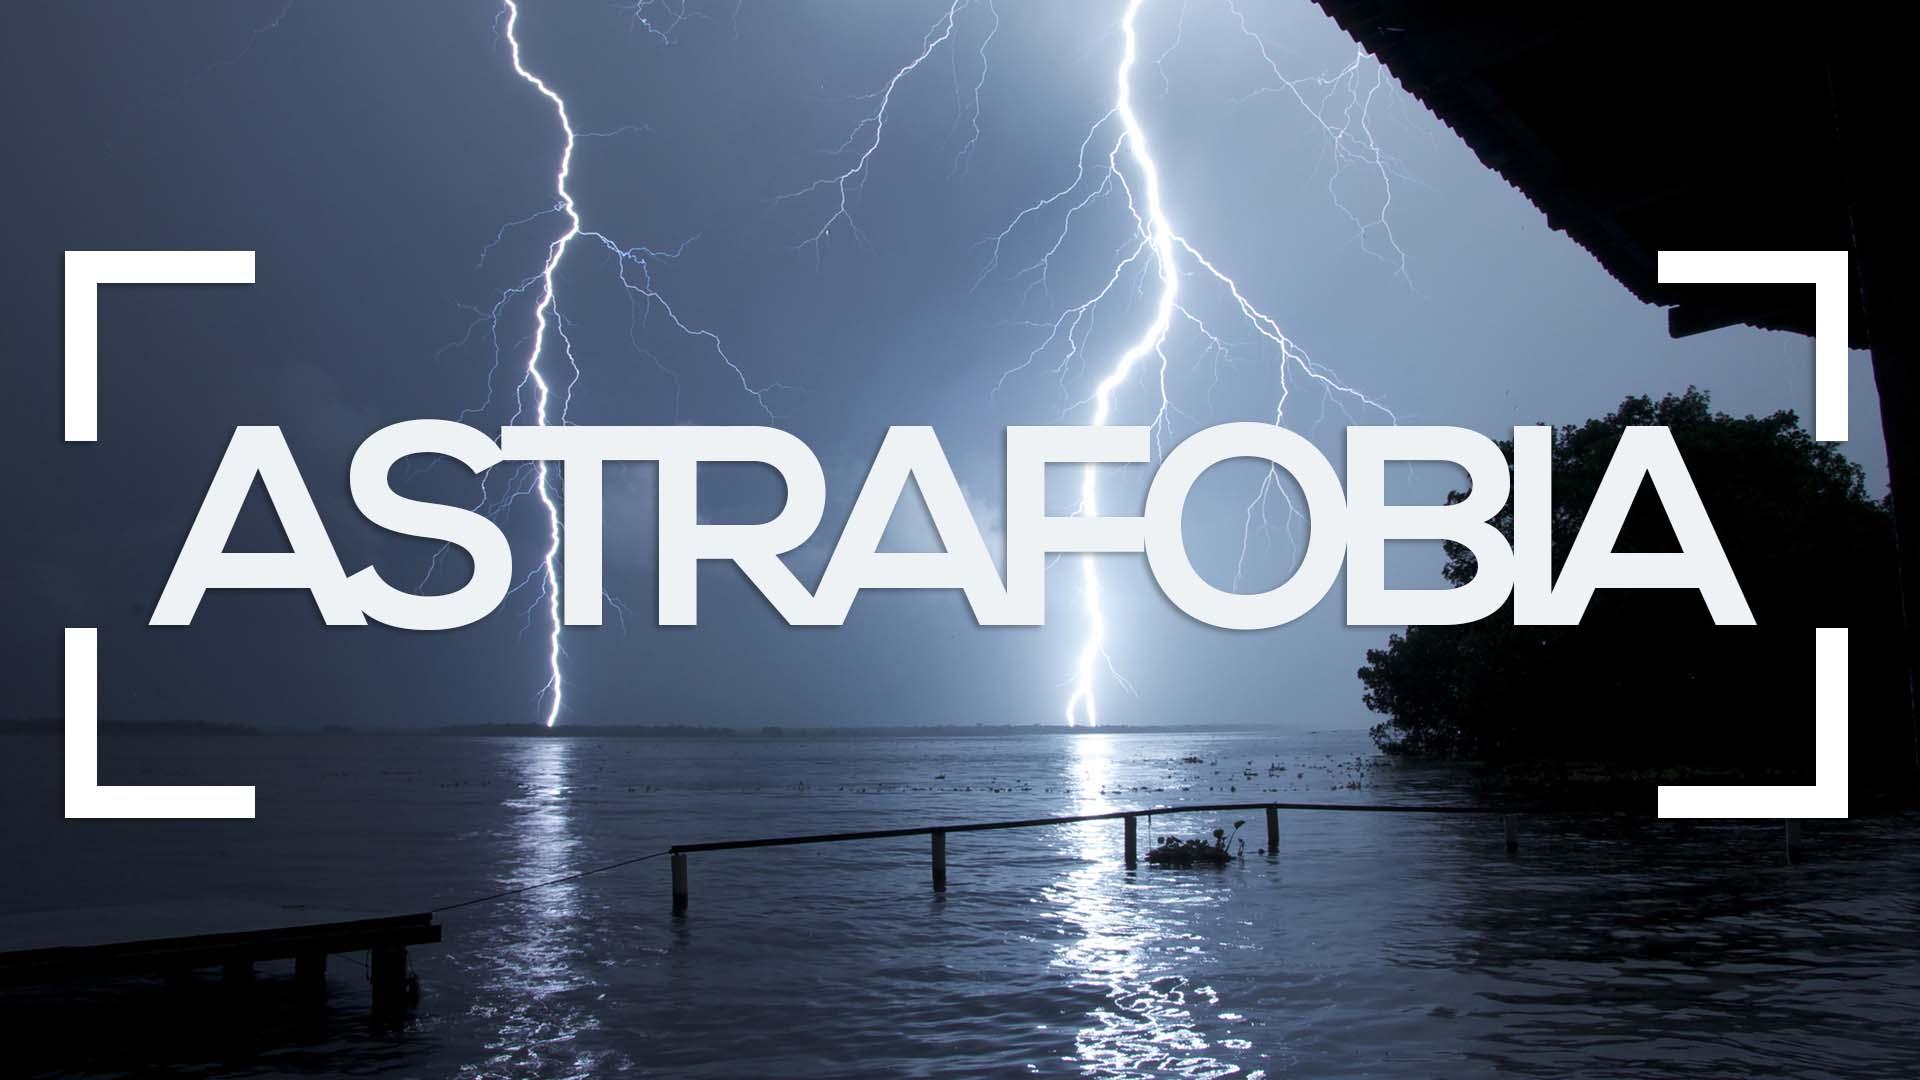 se muestra la caida de un rayo sobre el mar y la palabra astrafobia